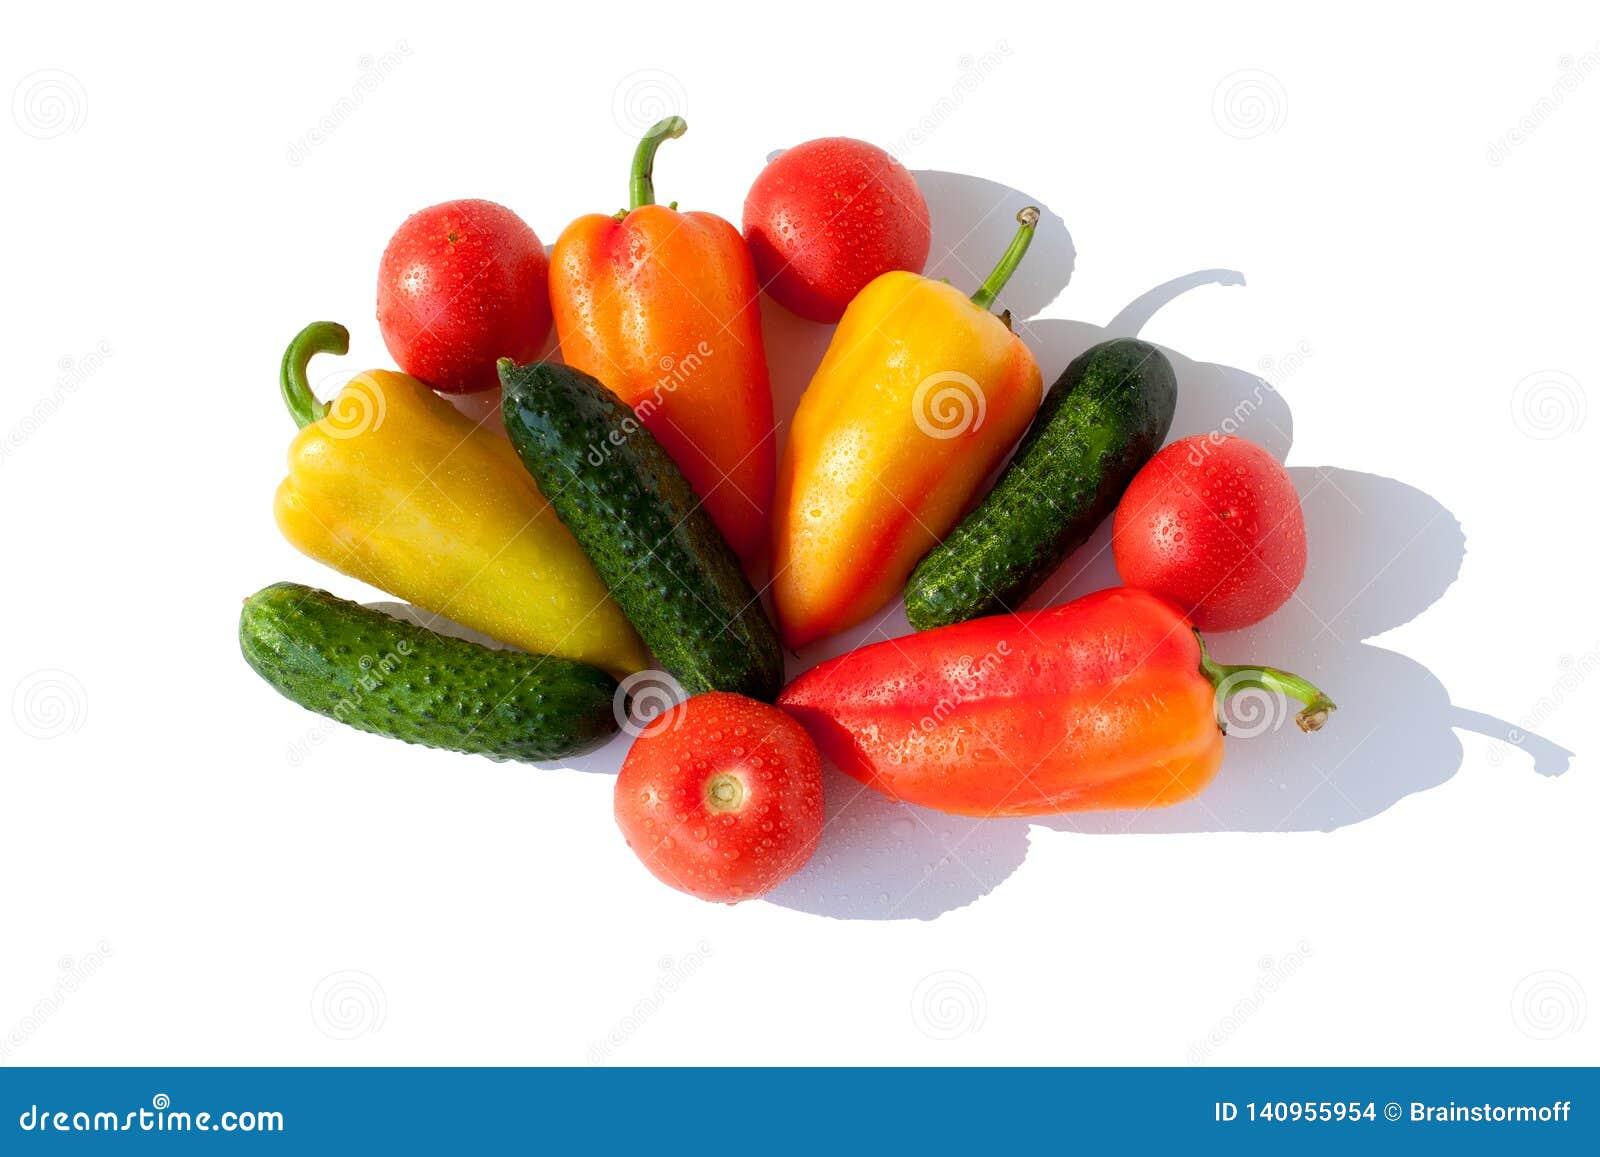 整个菜黄瓜、甜椒和蕃茄红色绿色橙黄在白色背景被隔绝的顶视图的水下落